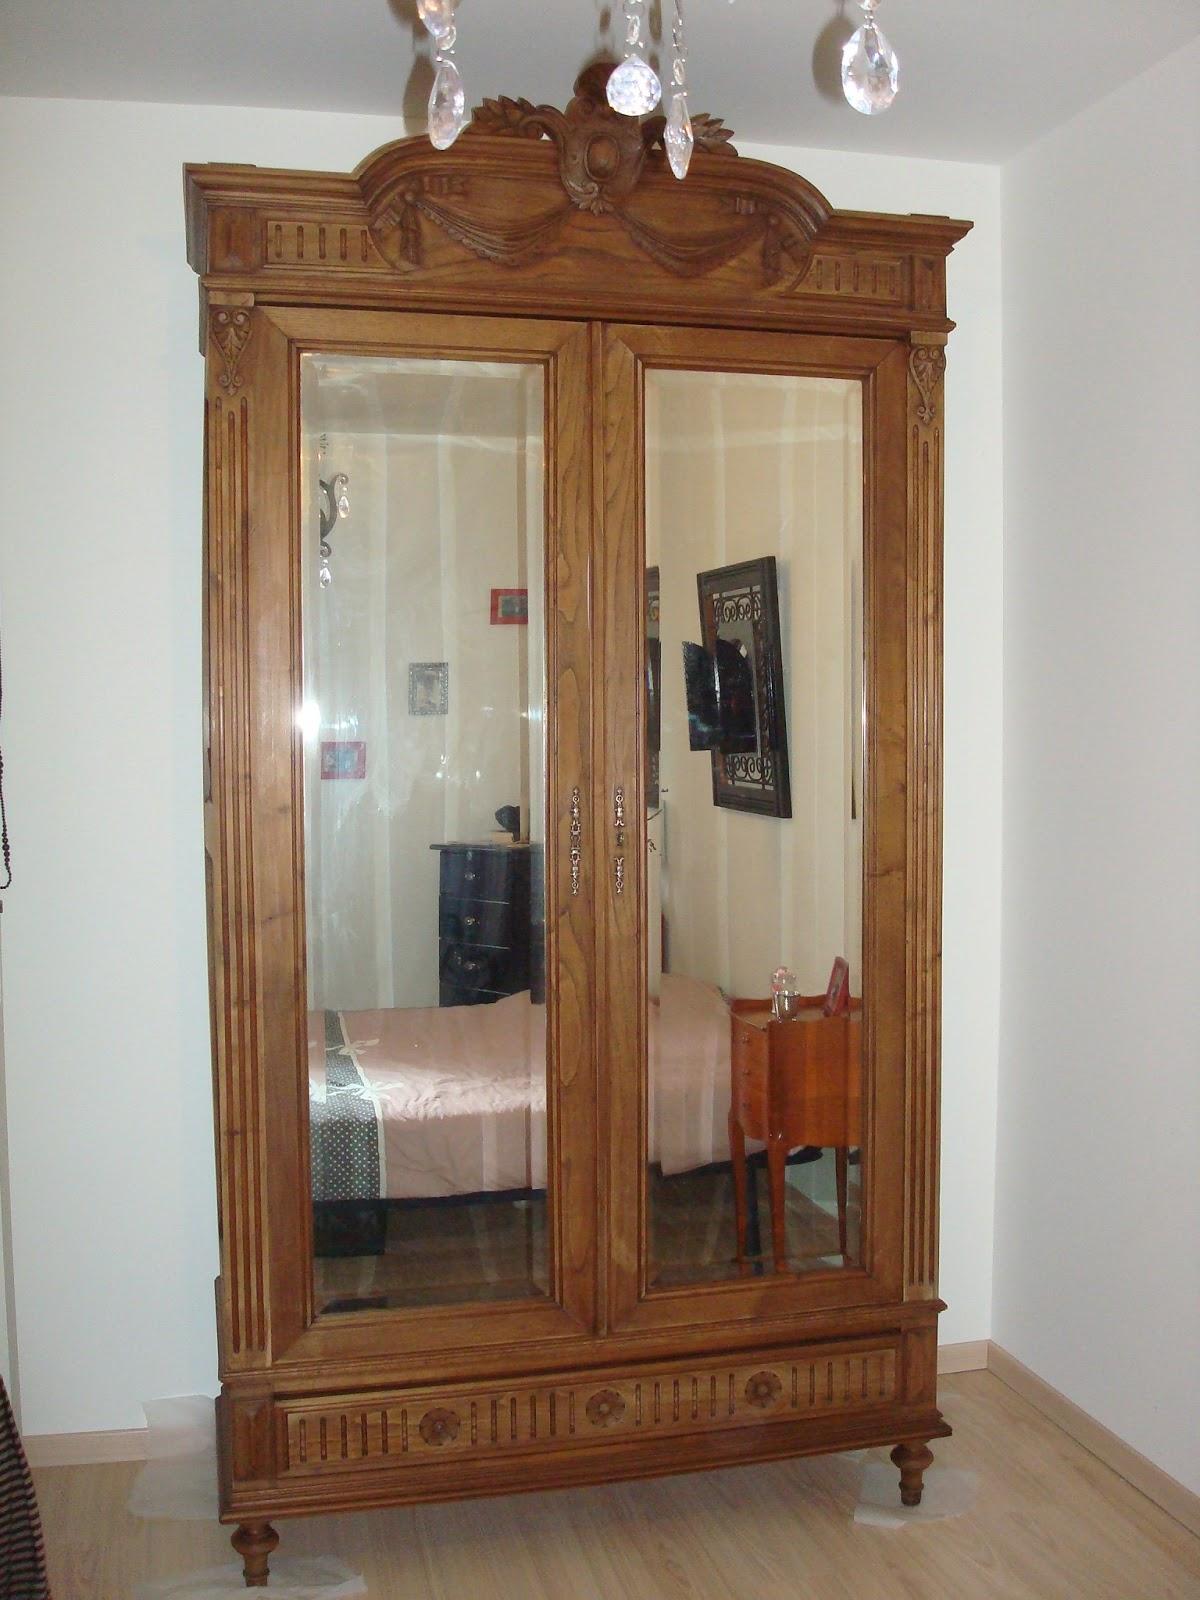 la d co d 39 alia premier gros chantier armoire style henri ii. Black Bedroom Furniture Sets. Home Design Ideas